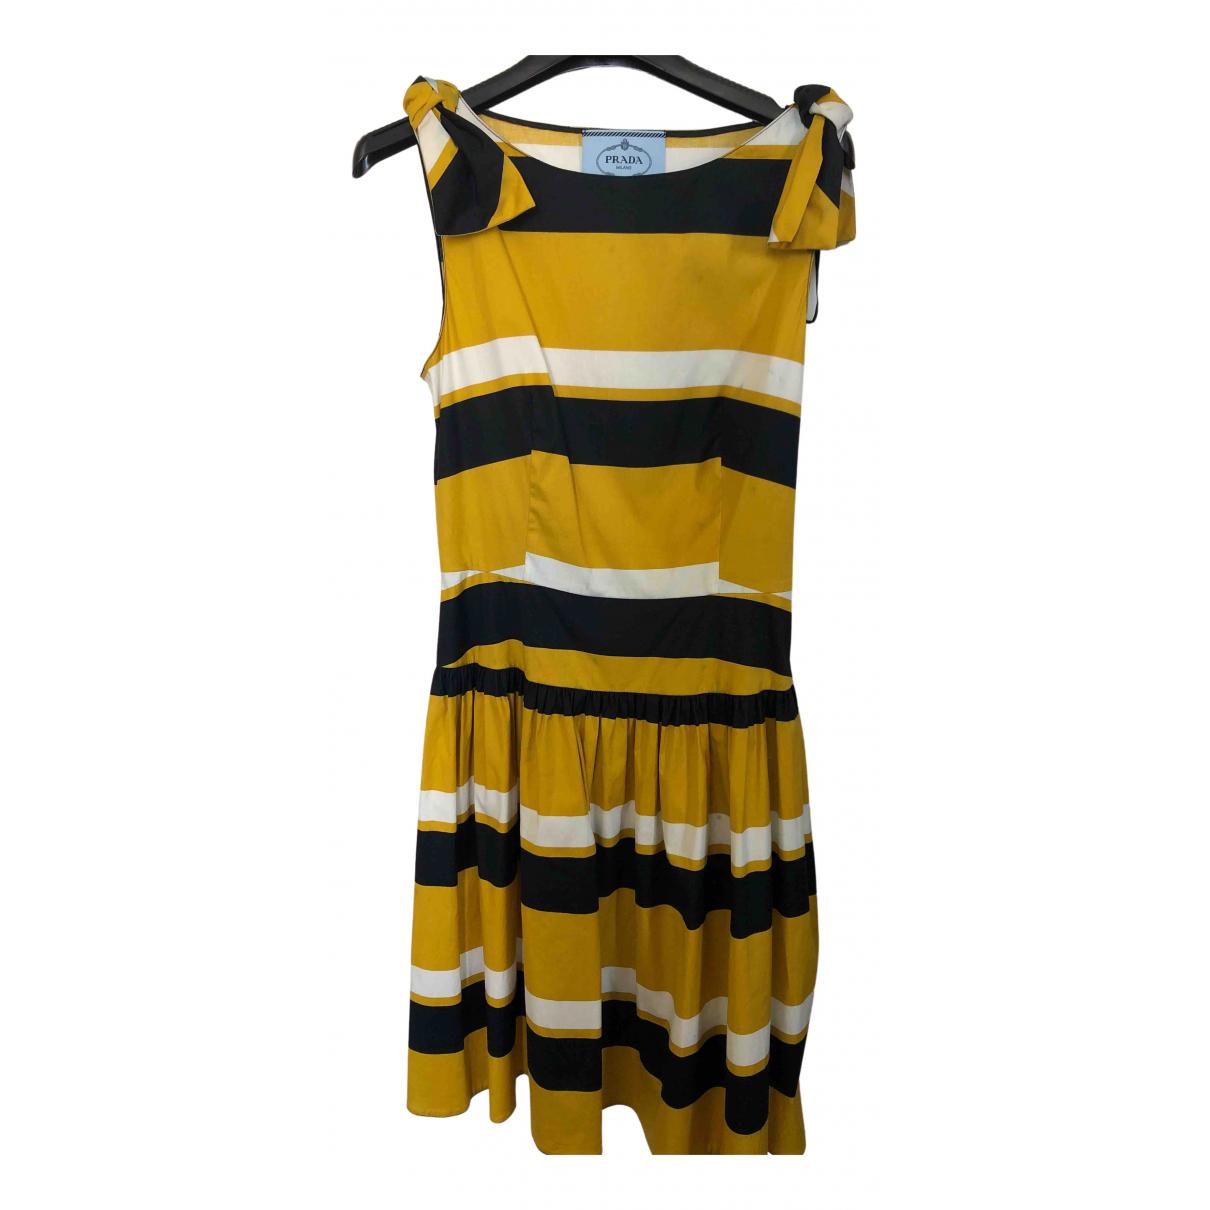 Prada \N Kleid in Baumwolle - Elasthan